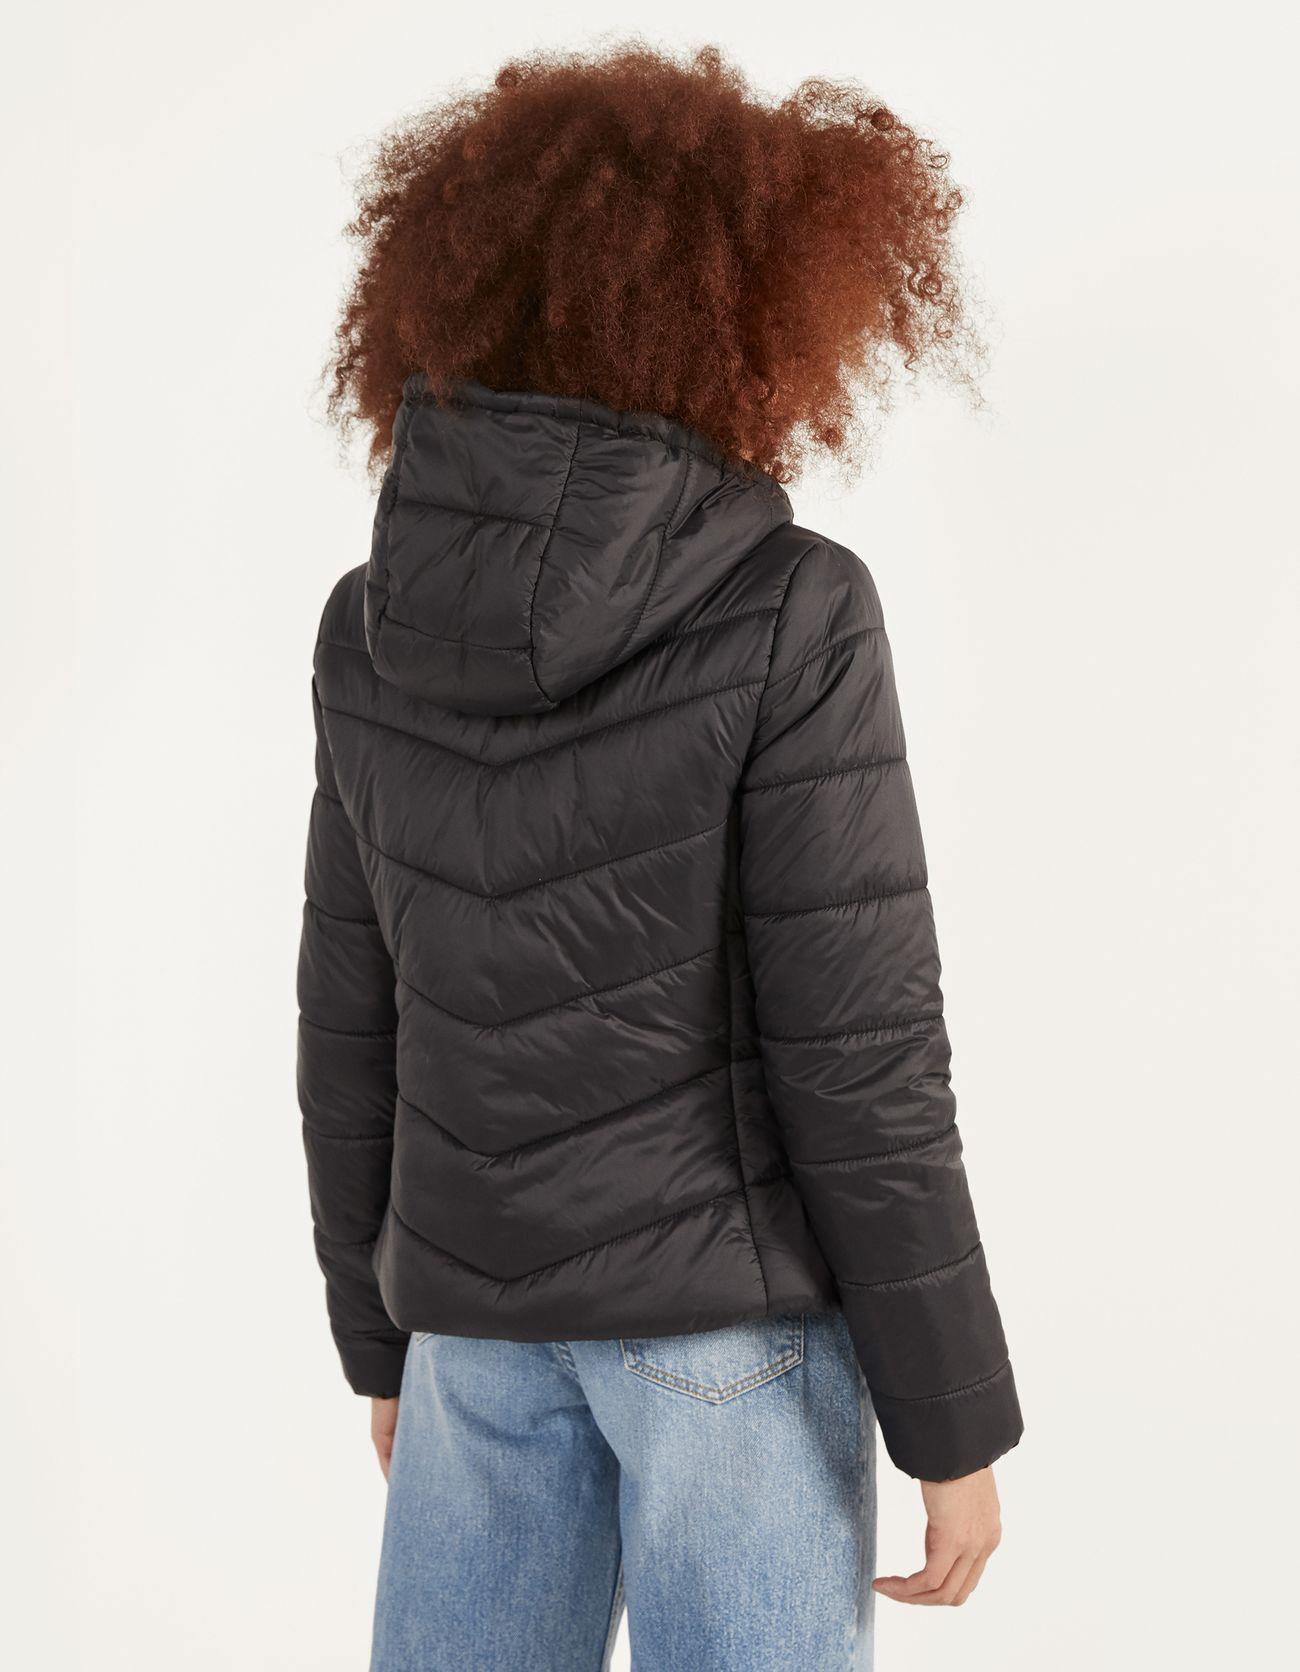 Стеганая куртка с капюшоном Черный Bershka